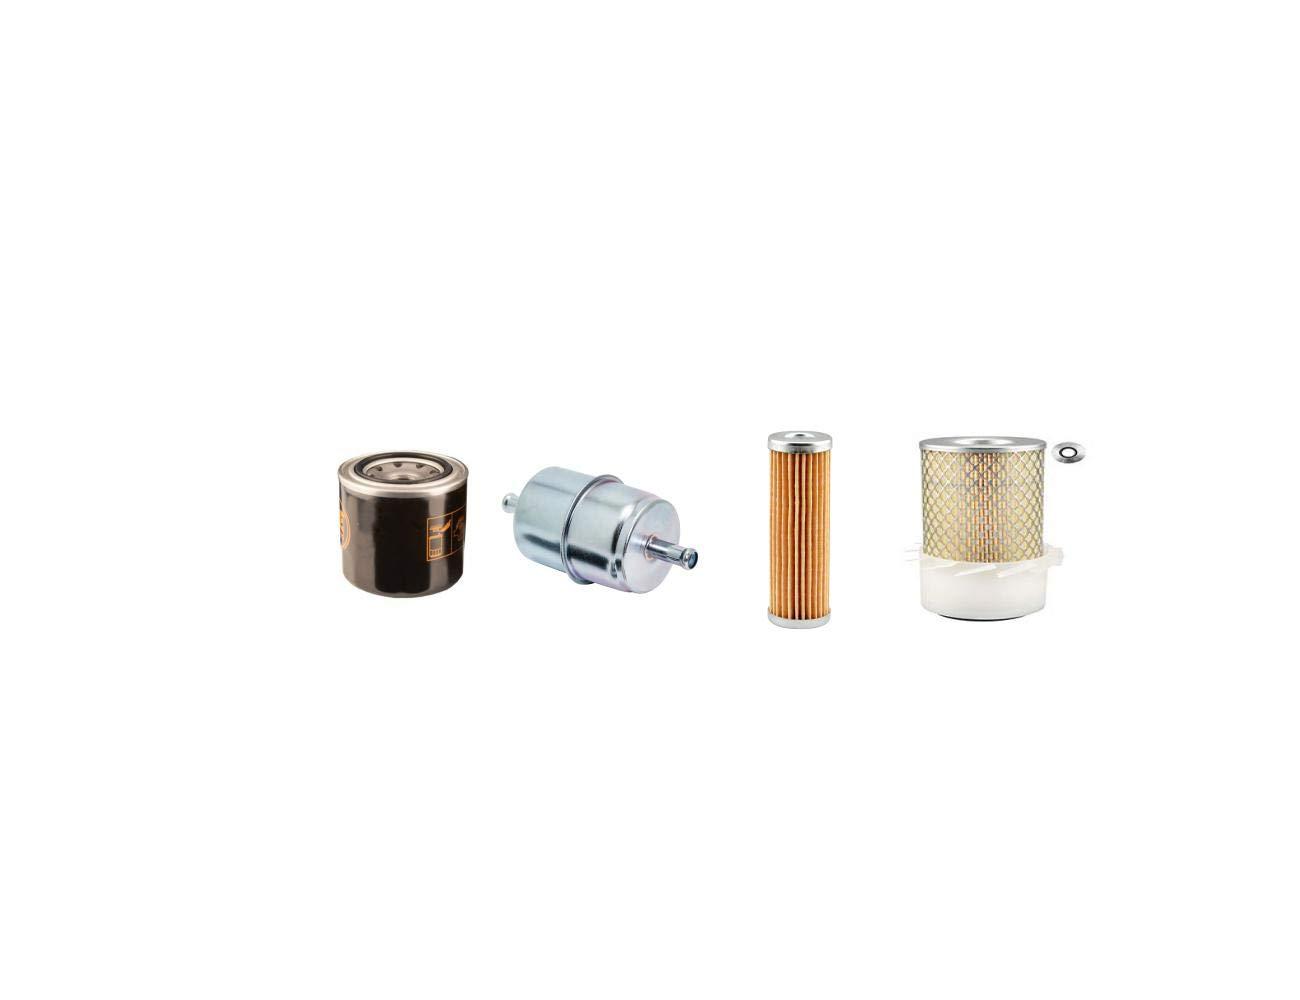 KUBOTA KH 05 Filter Service Kit Air Oil Fuel Filters w//Kubota Z600 Eng.